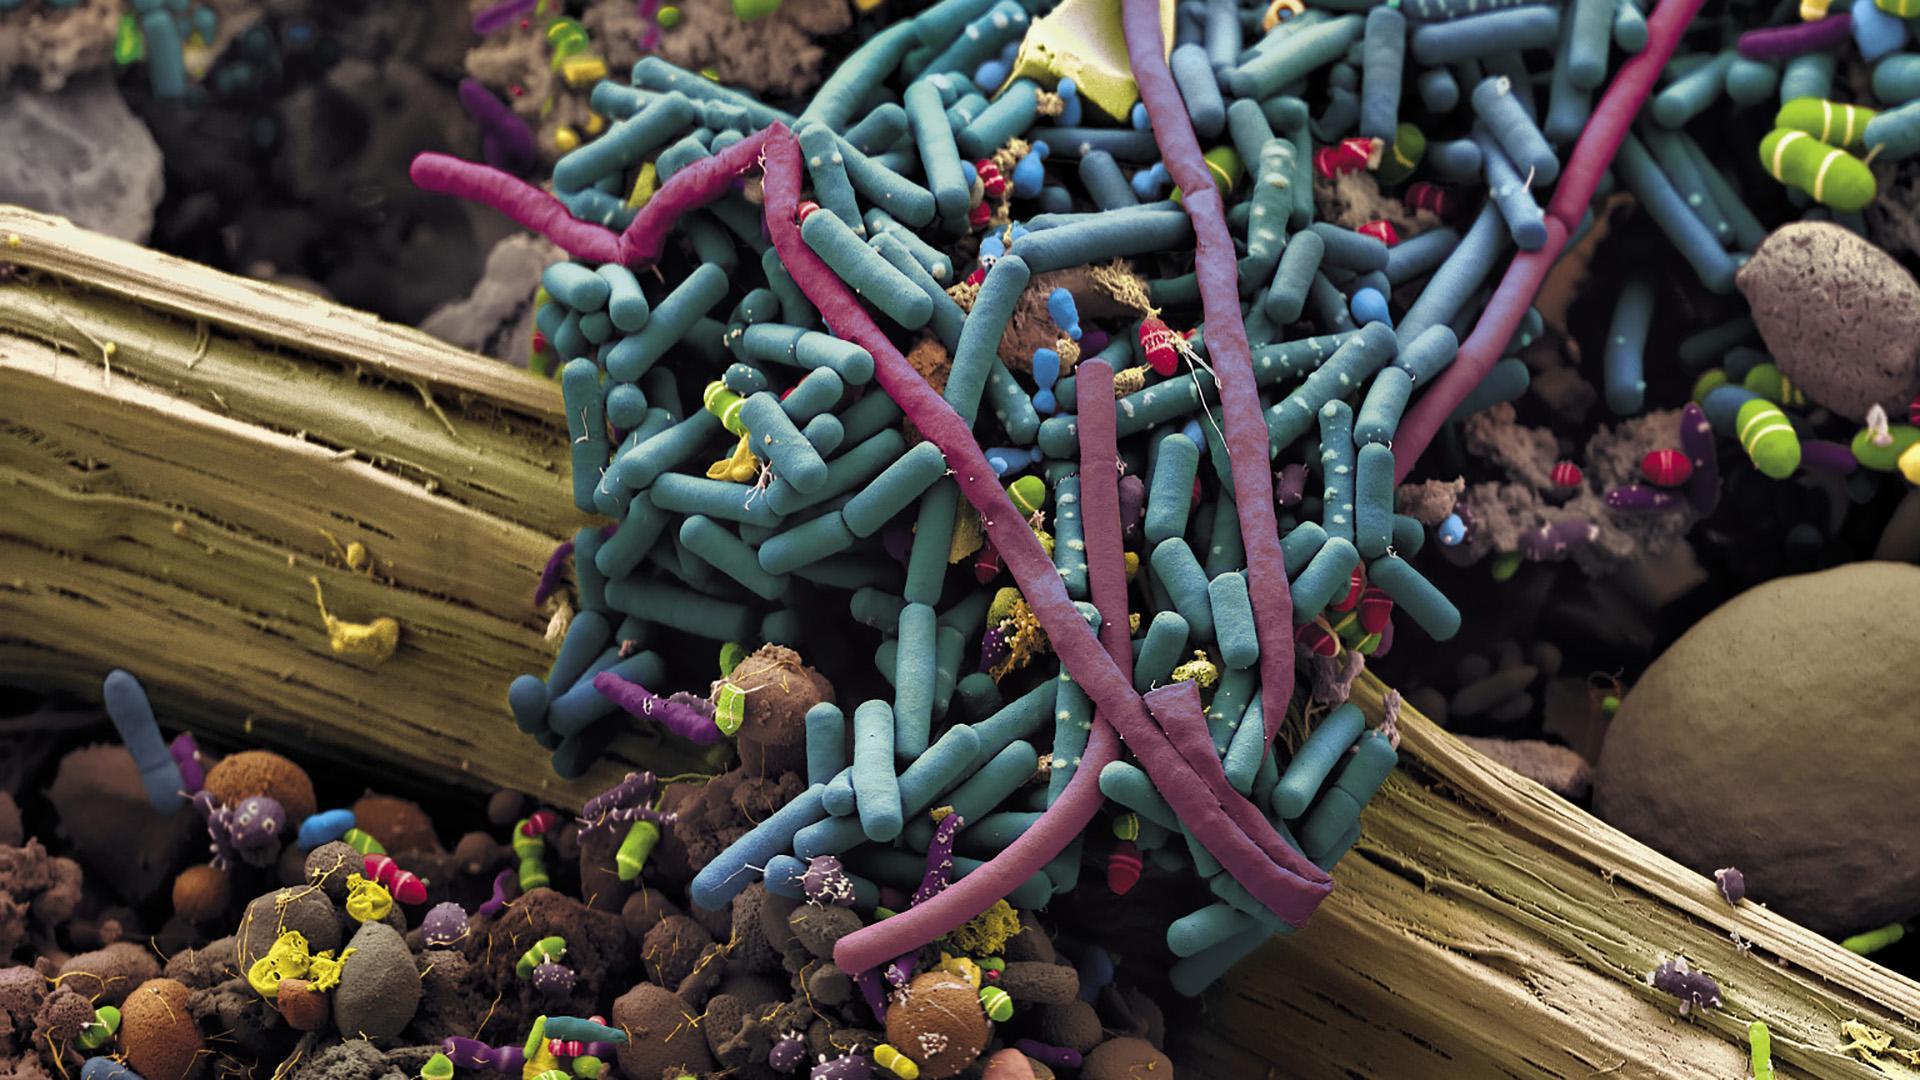 Пересадка фекальной микробиоты помогла в лечении меланомы